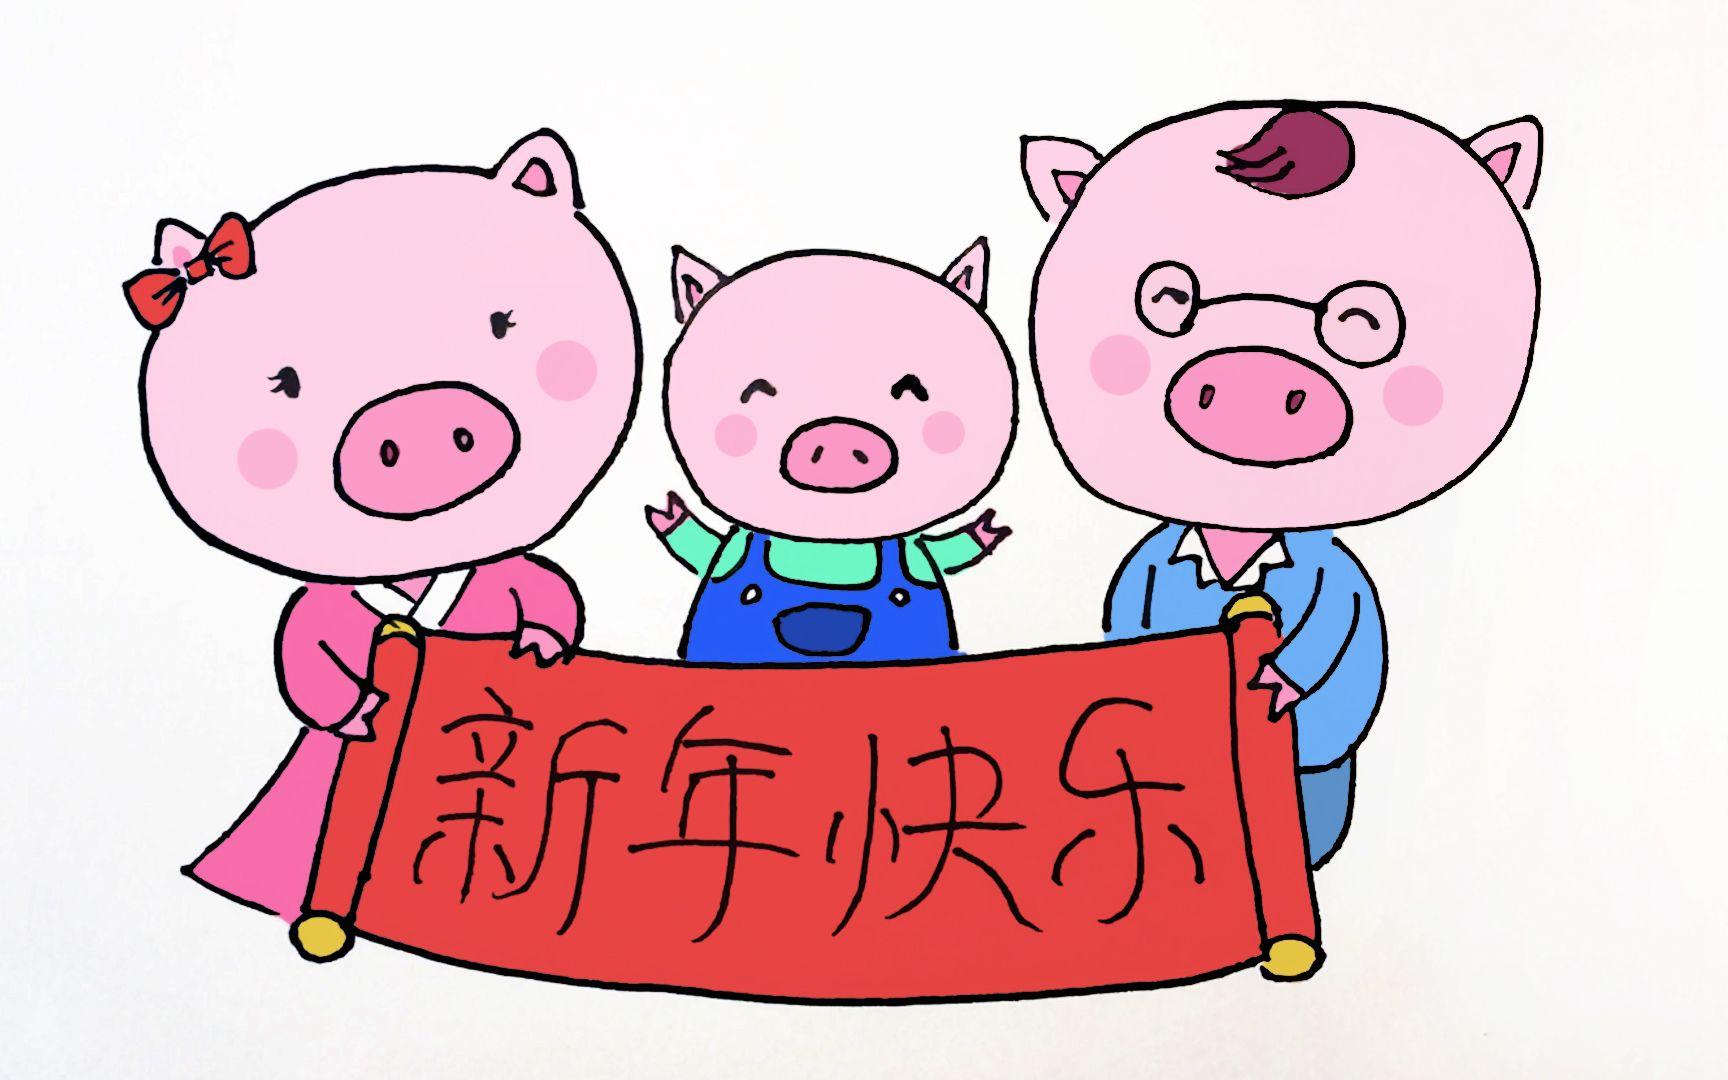 儿童卡通简笔画 小猪一家祝大家猪年快乐,快画在手抄报上吧! 小猪